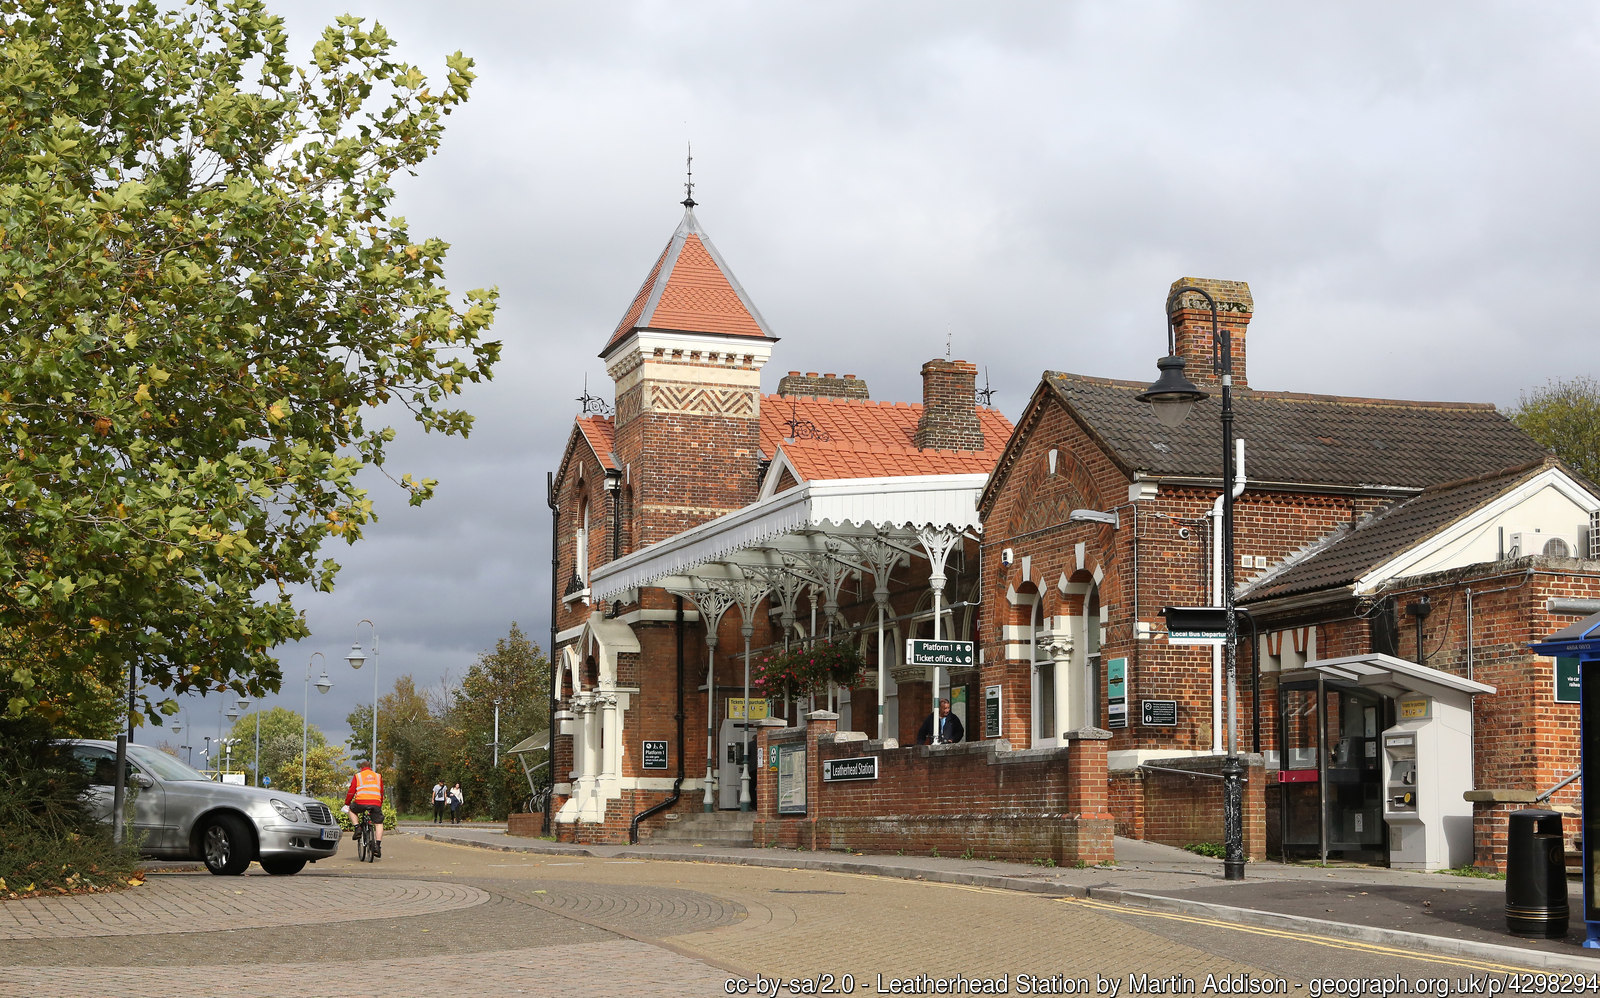 Leatherhead station